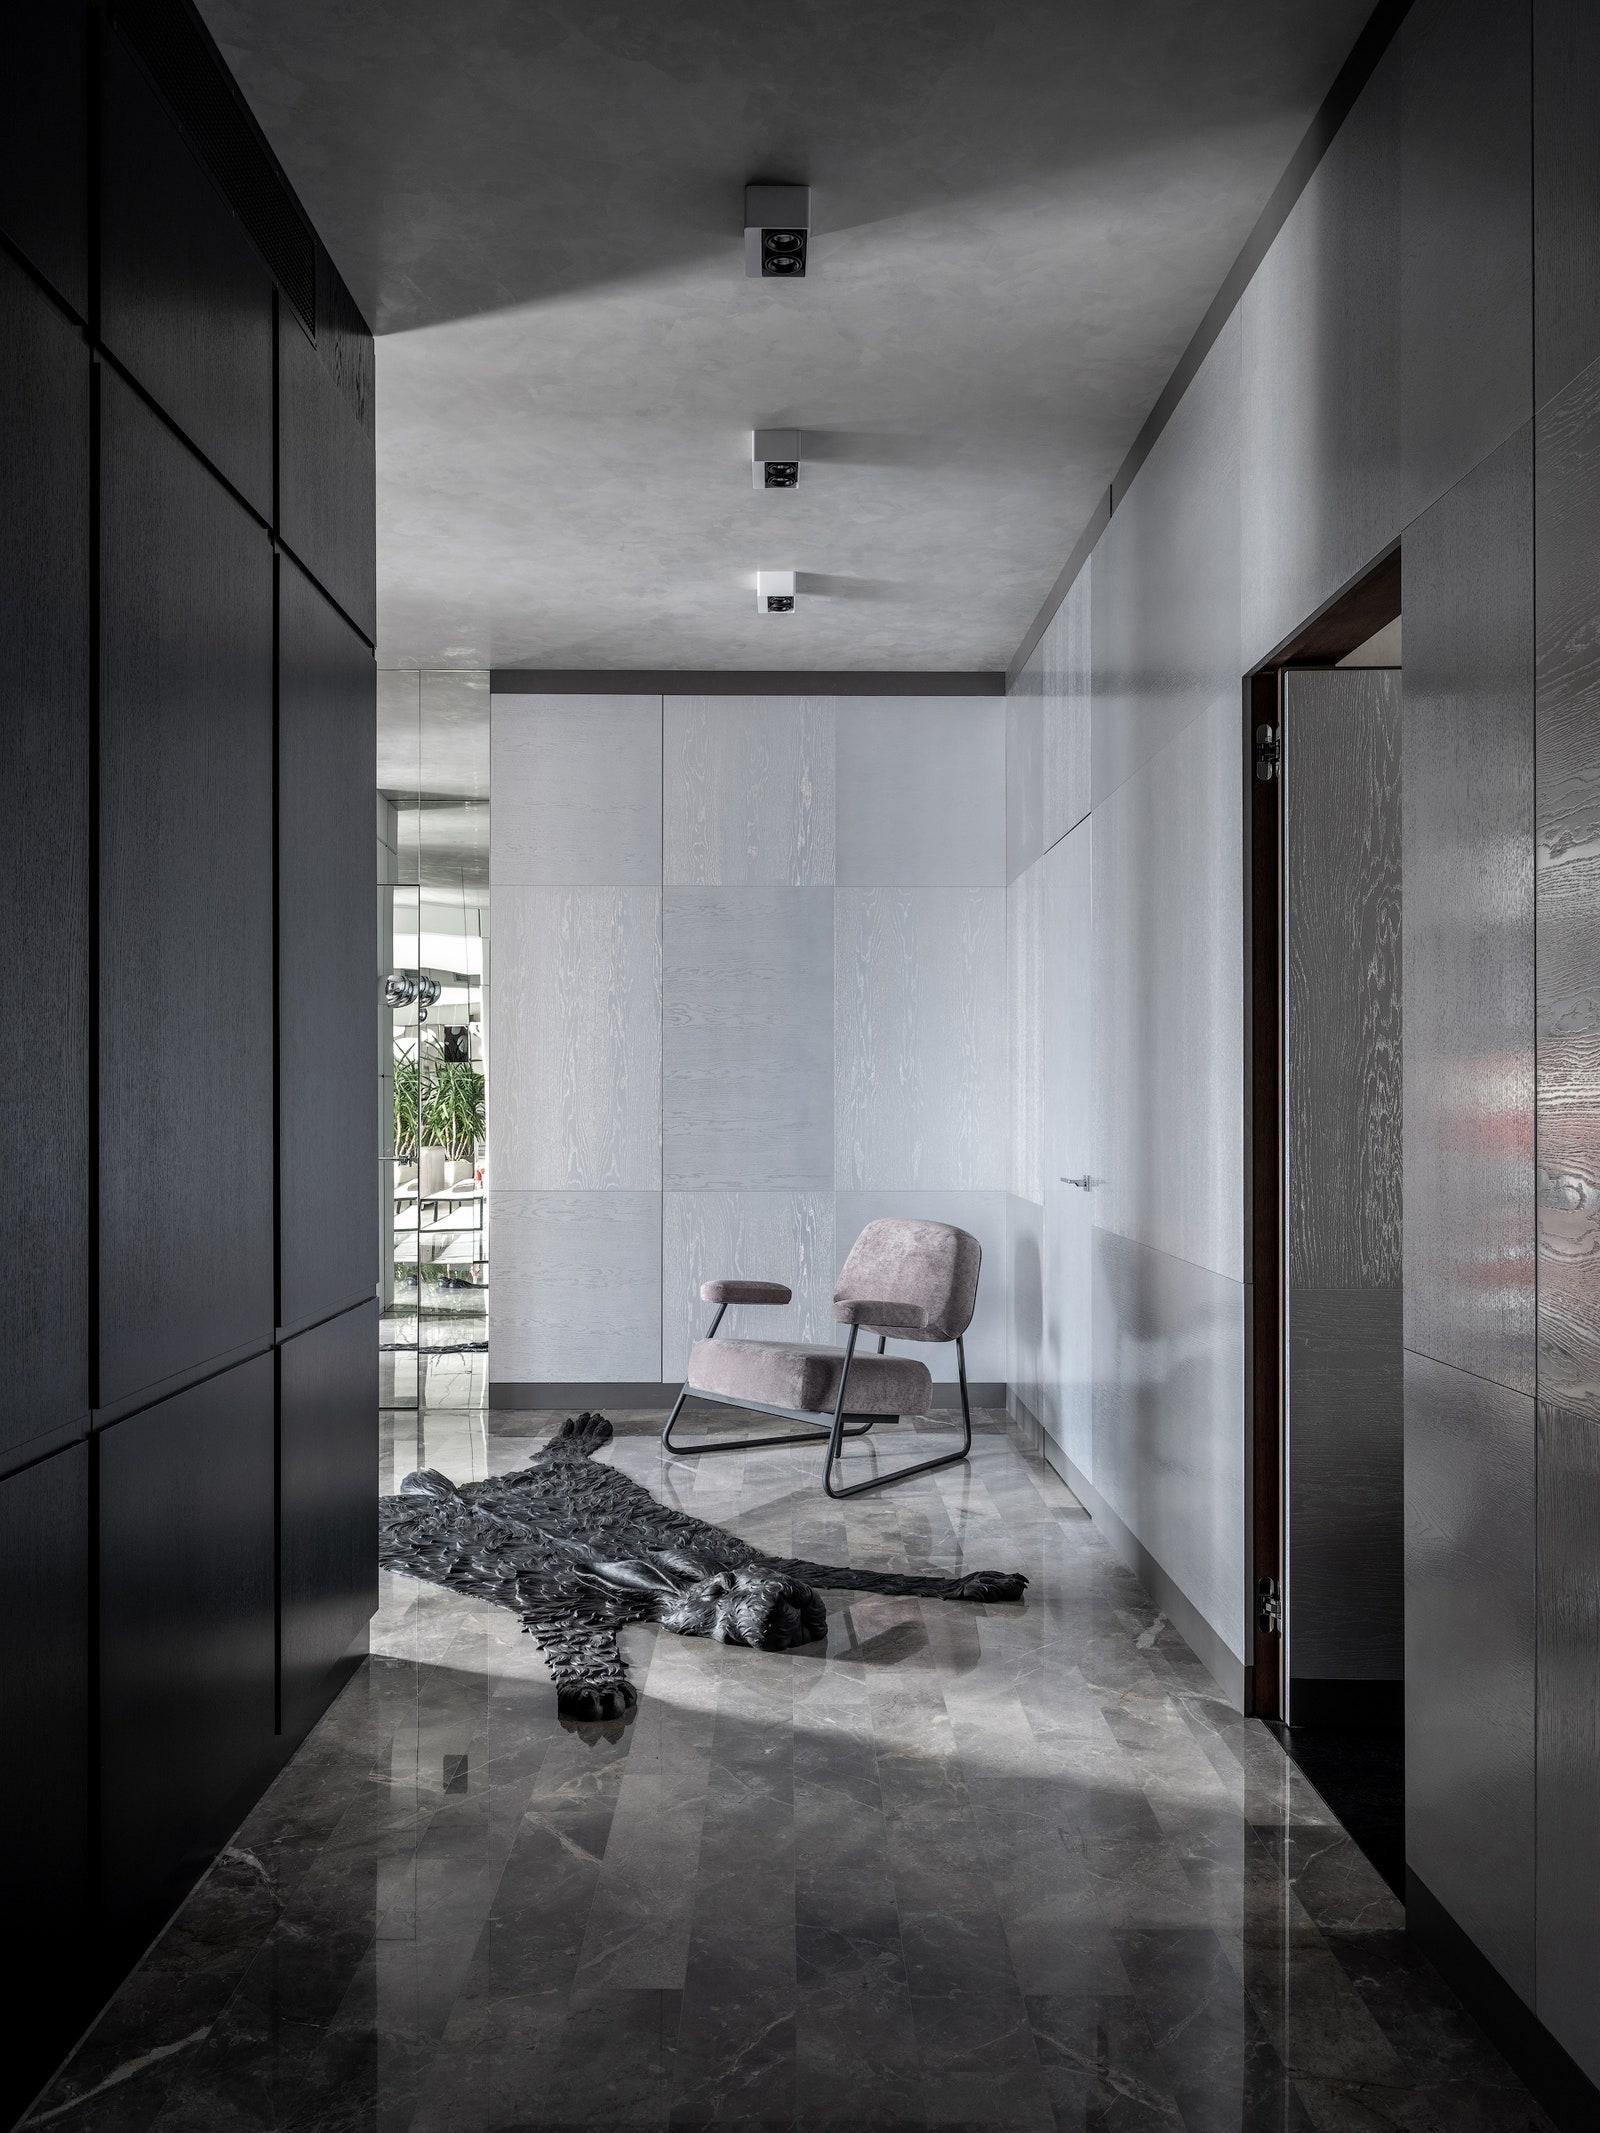 .    Fior di Bosco        .   Giant Rab     L.E.Store  Delo Design.